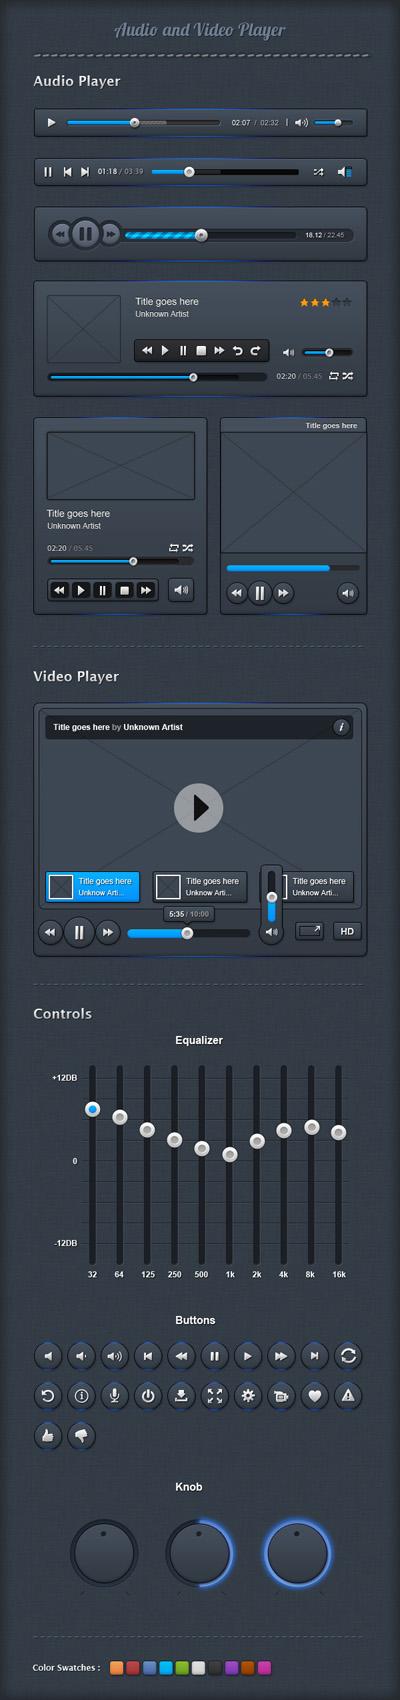 Исходники элементов для видео и аудио плеера